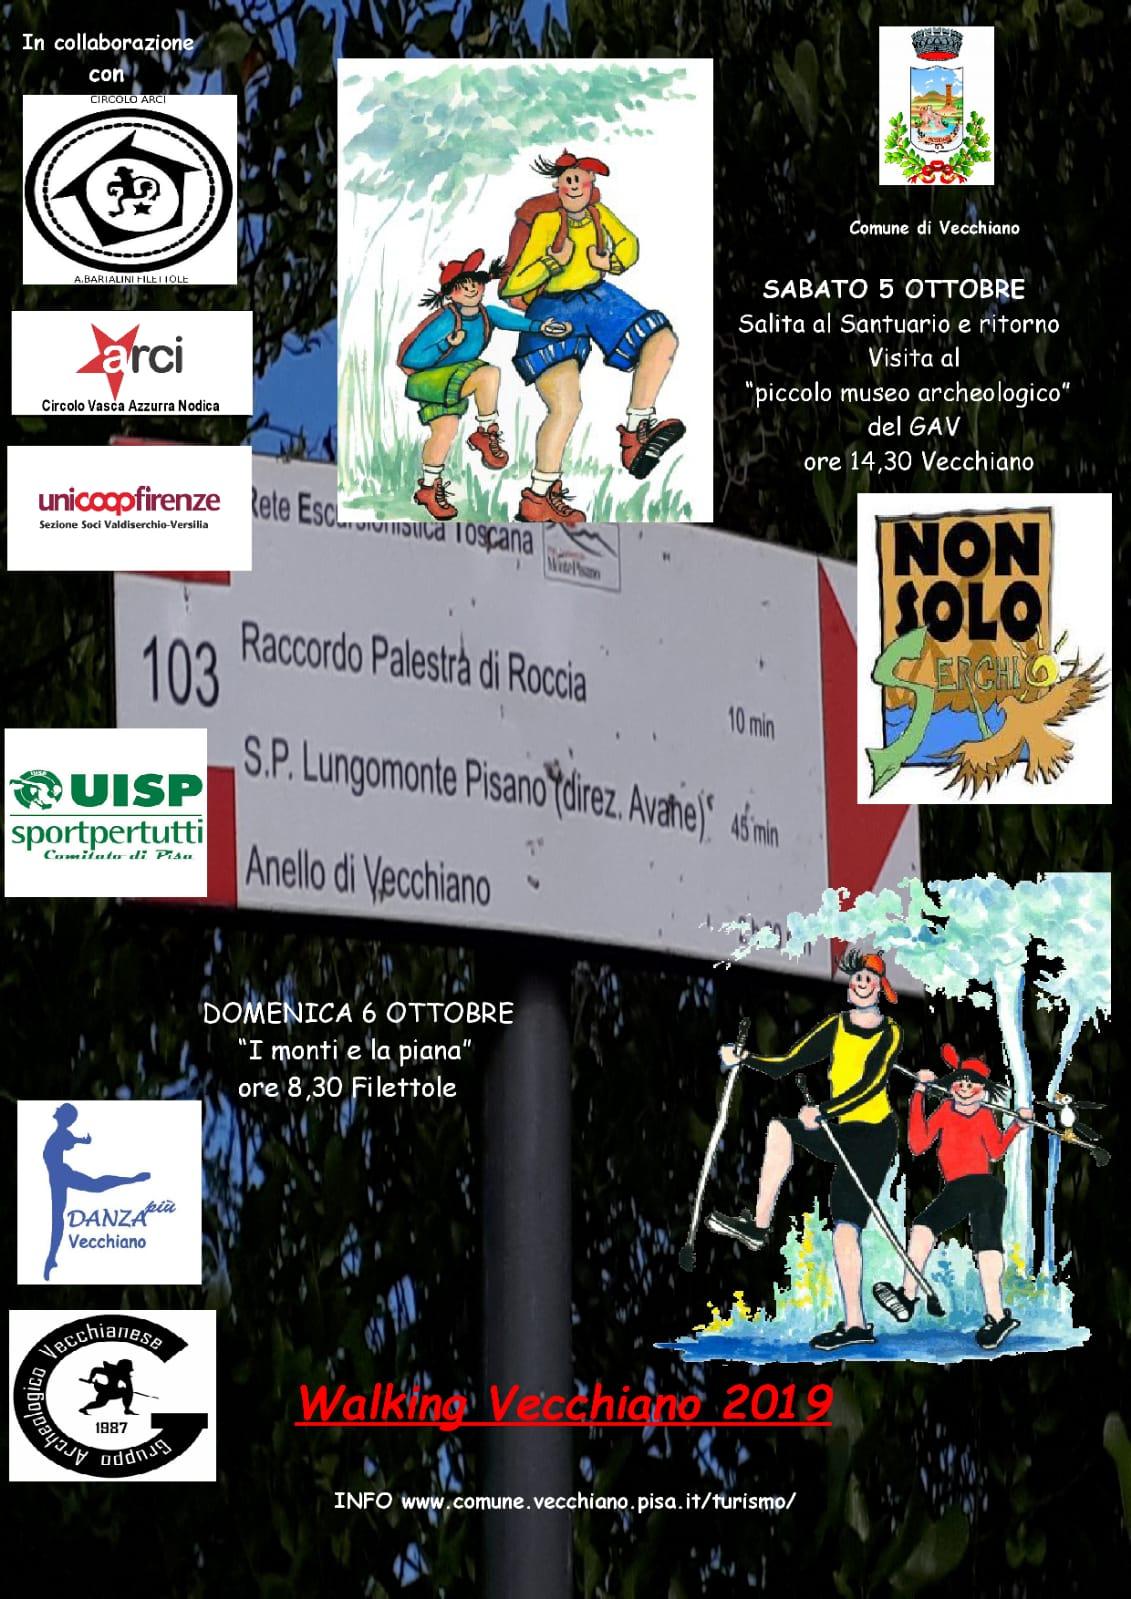 Walking Vecchiano, 4th edition